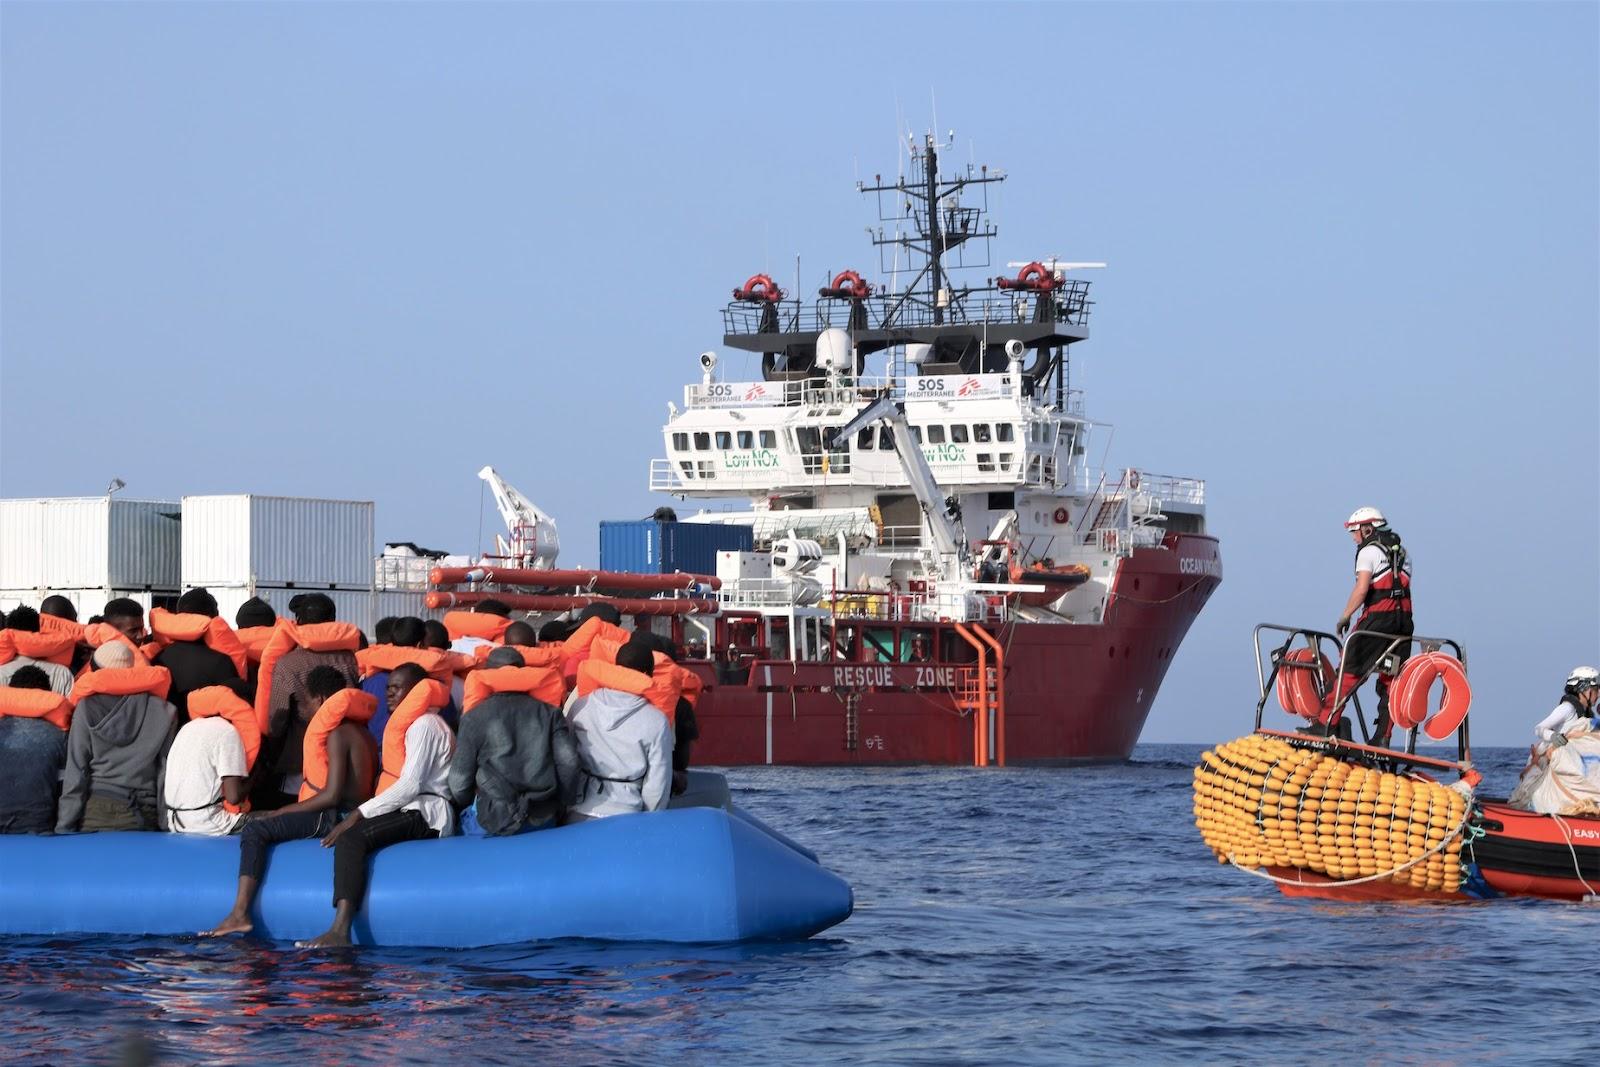 Ocean-Viking : l'Italie pourrait accueillir lundi les migrants secourus par le navire humanitaire